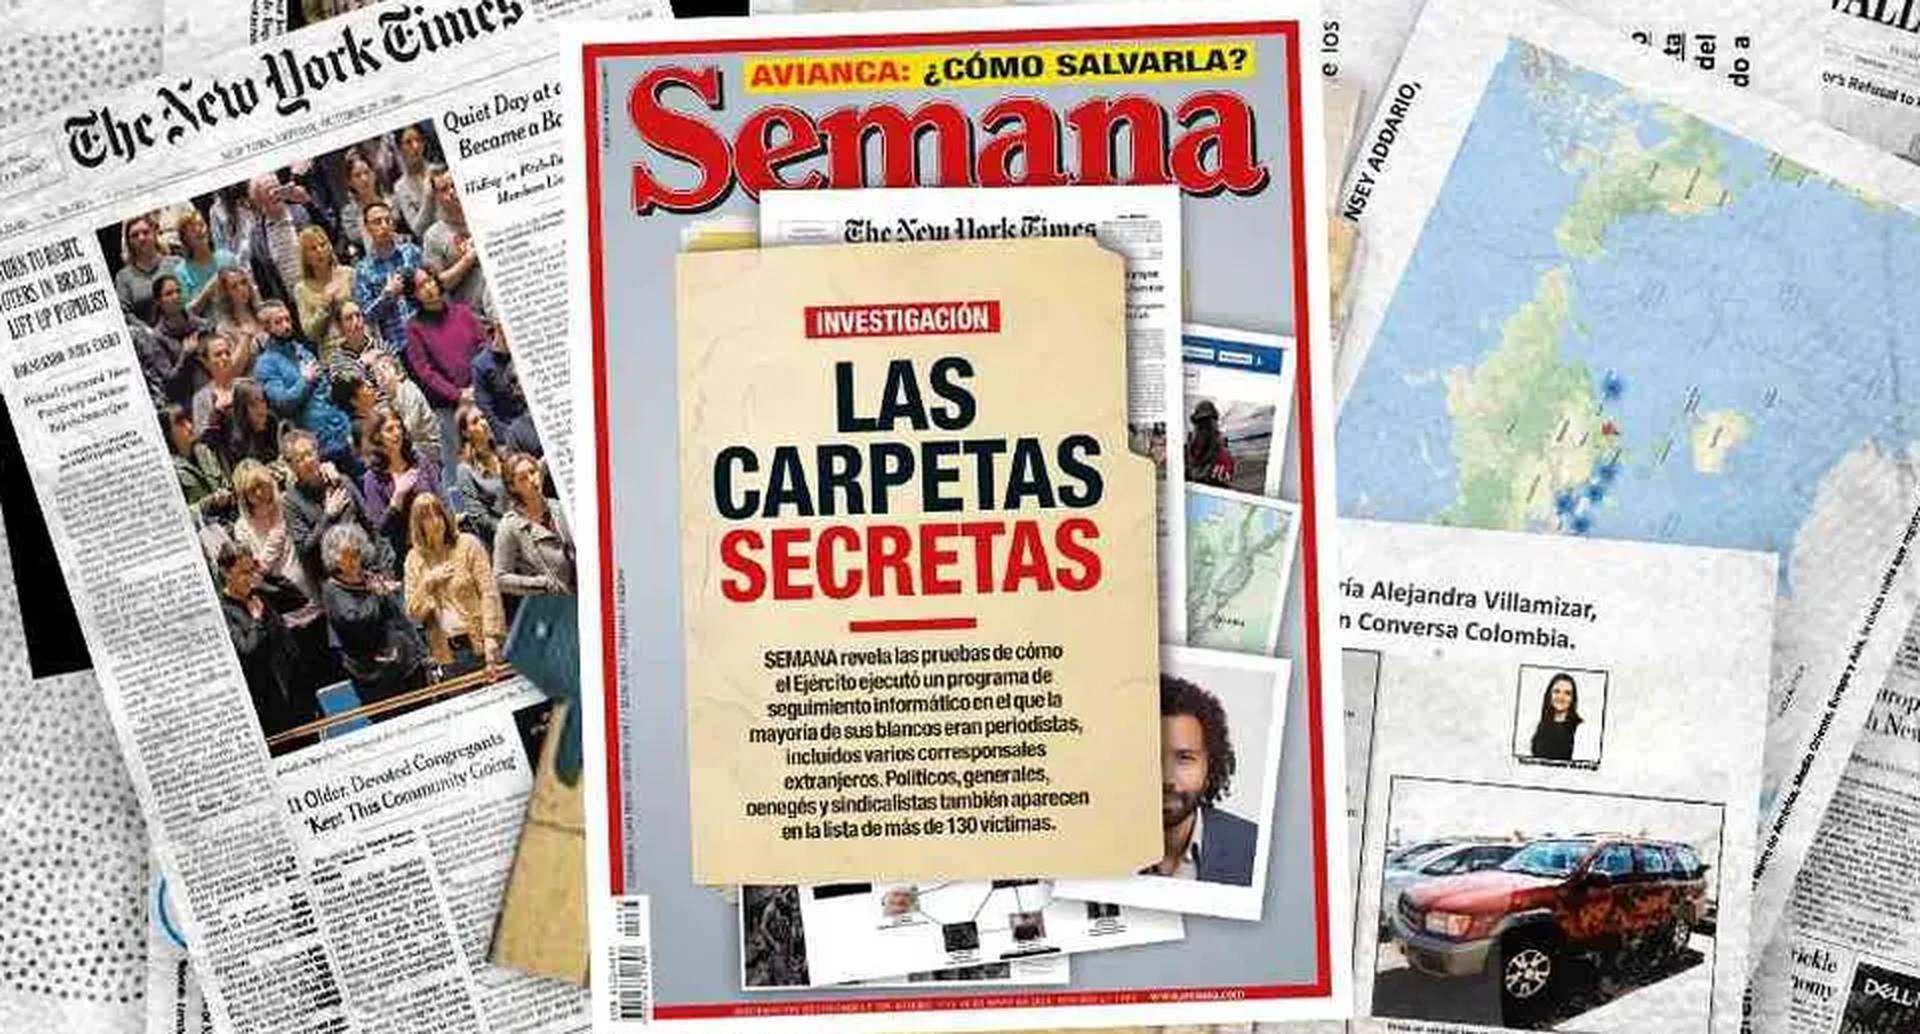 Perfilamientos del Ejército a periodistas y organizaciones de la sociedad civil